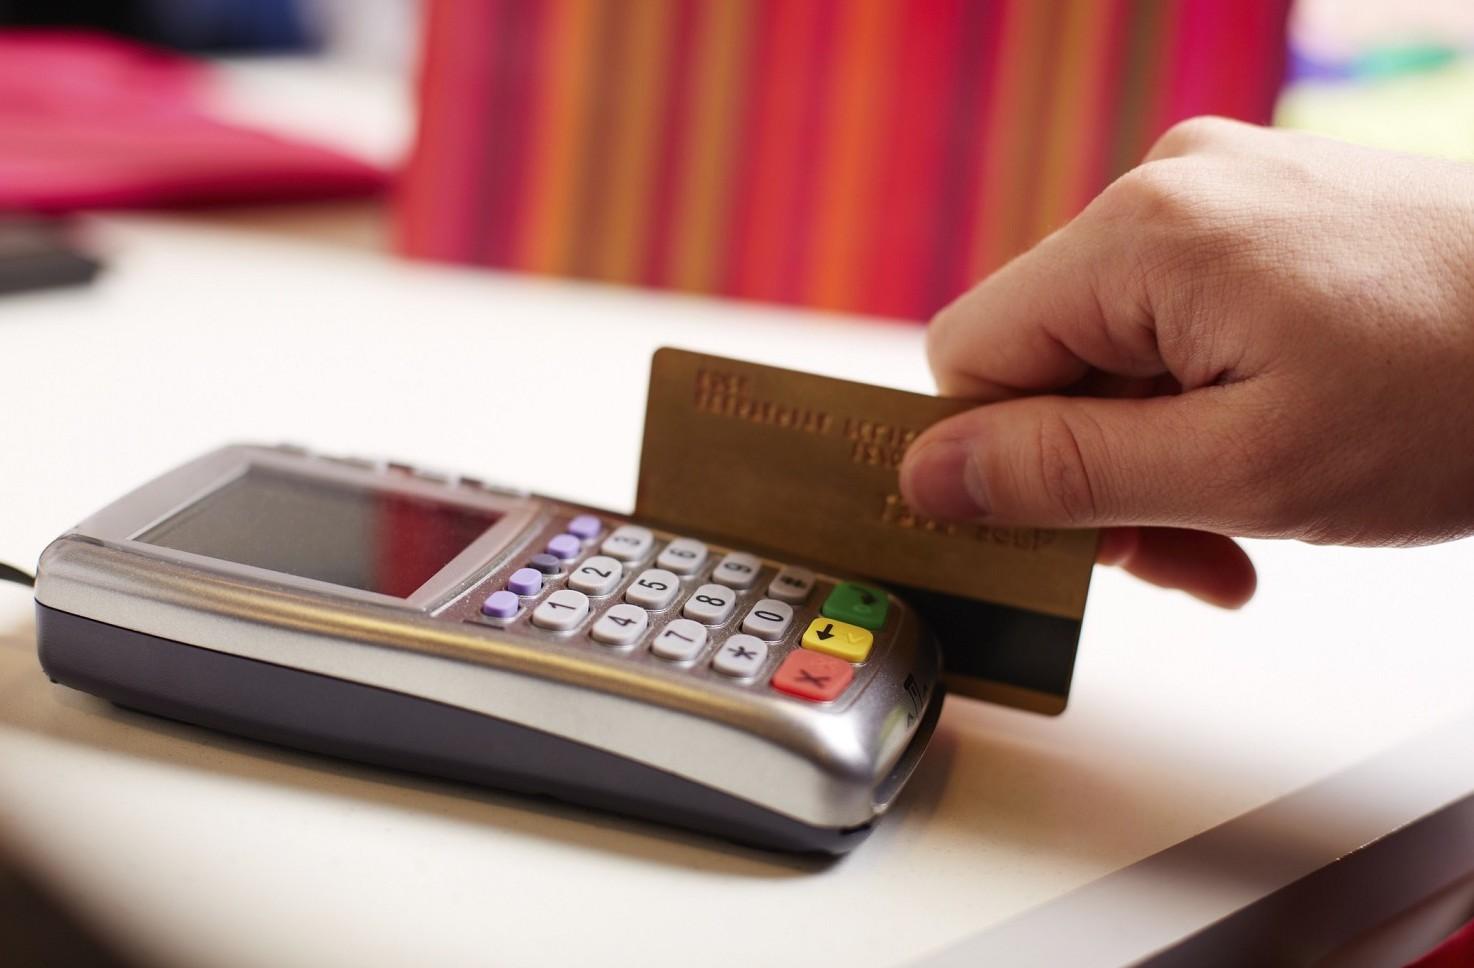 Blocco carta di credito: istruzioni e numeri utili